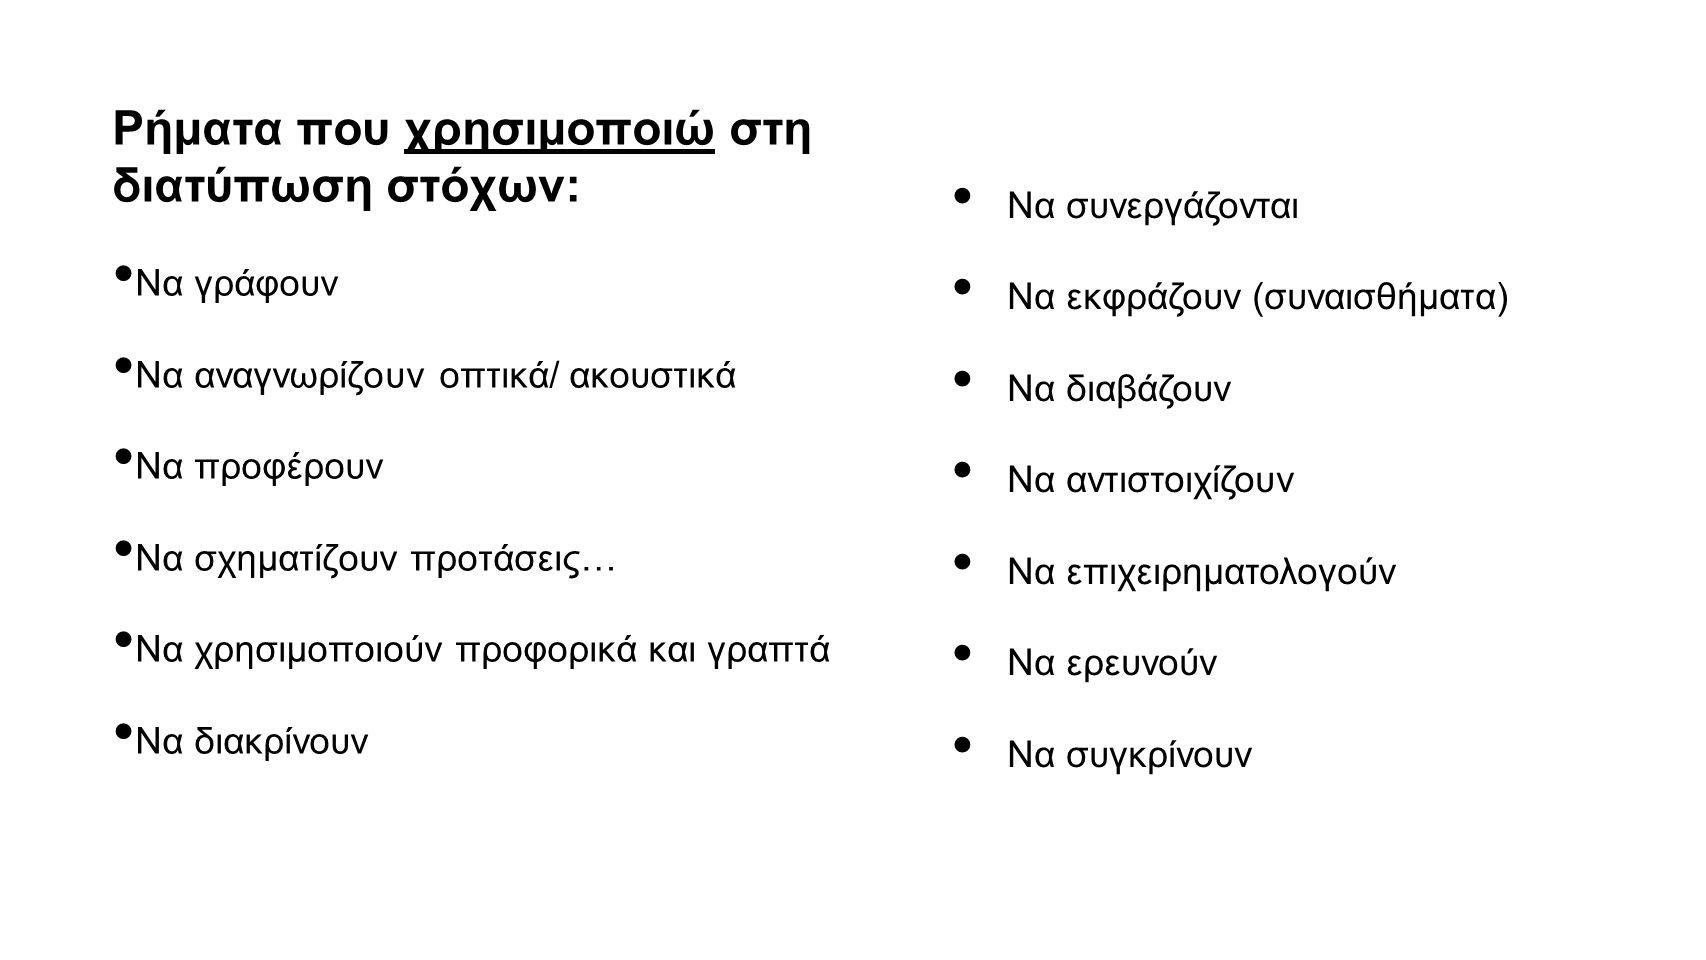 Ρήματα που χρησιμοποιώ στη διατύπωση στόχων: